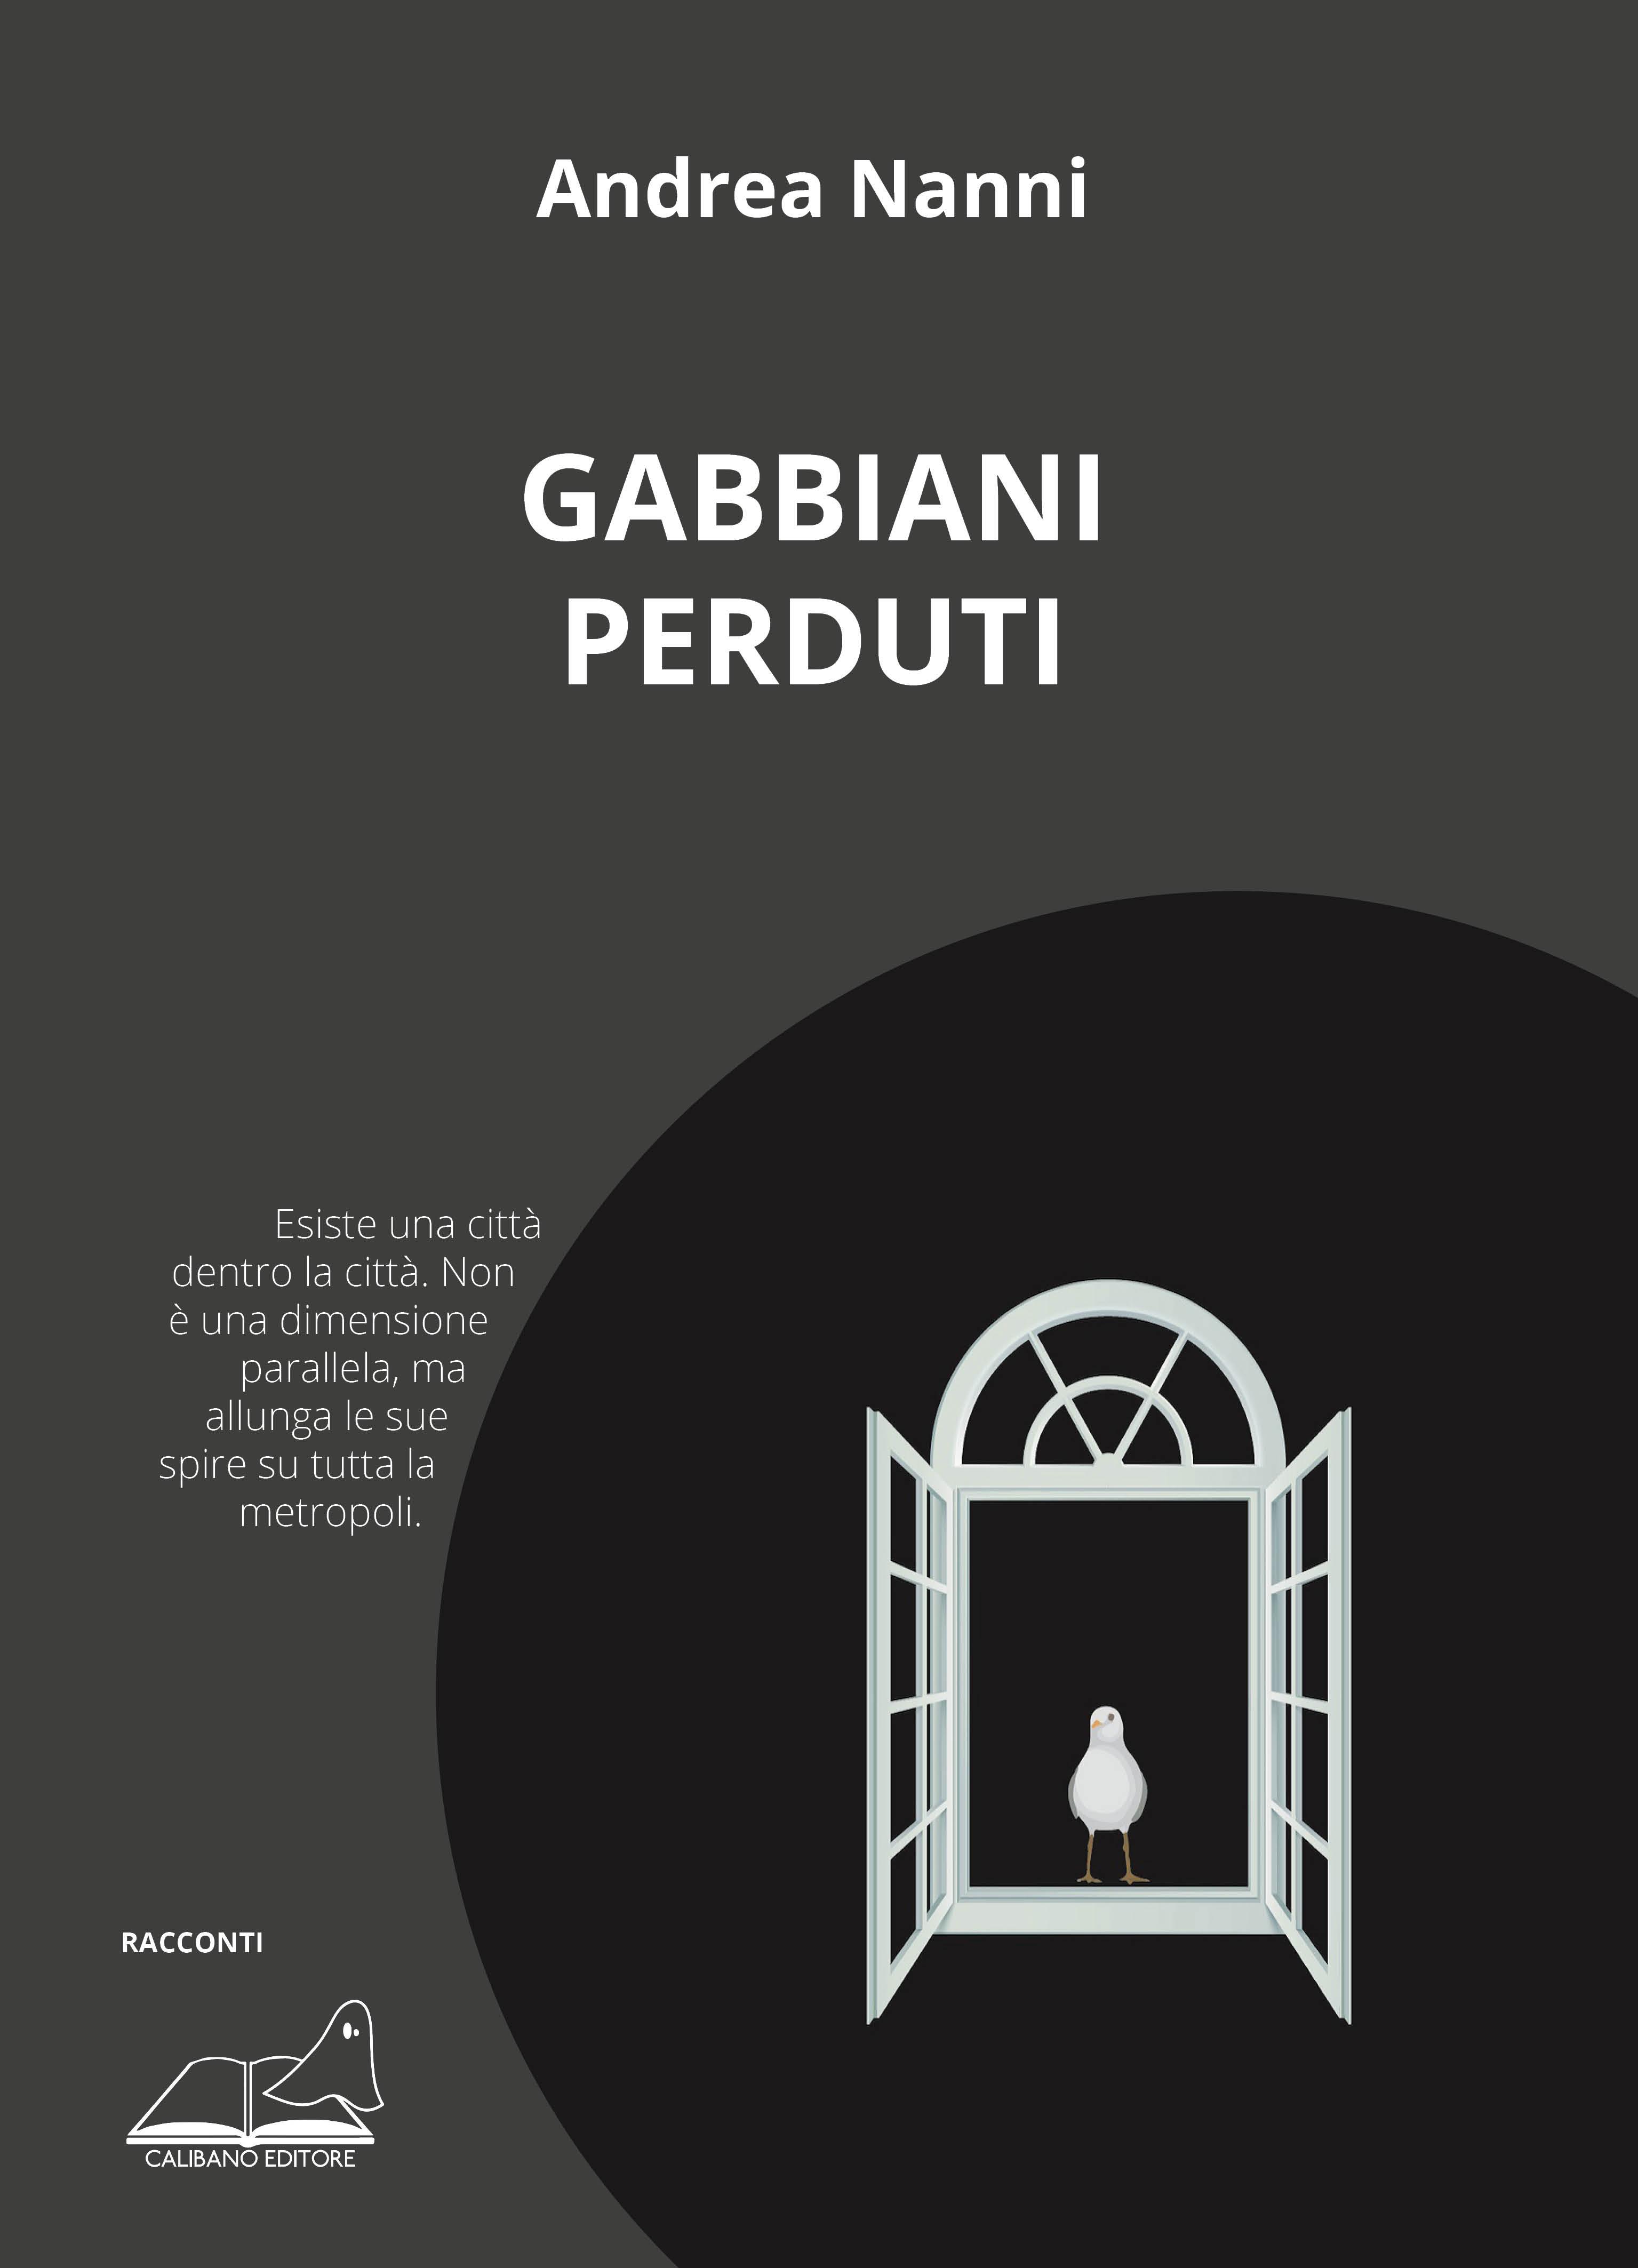 Gabbiani perduti-image-1%>